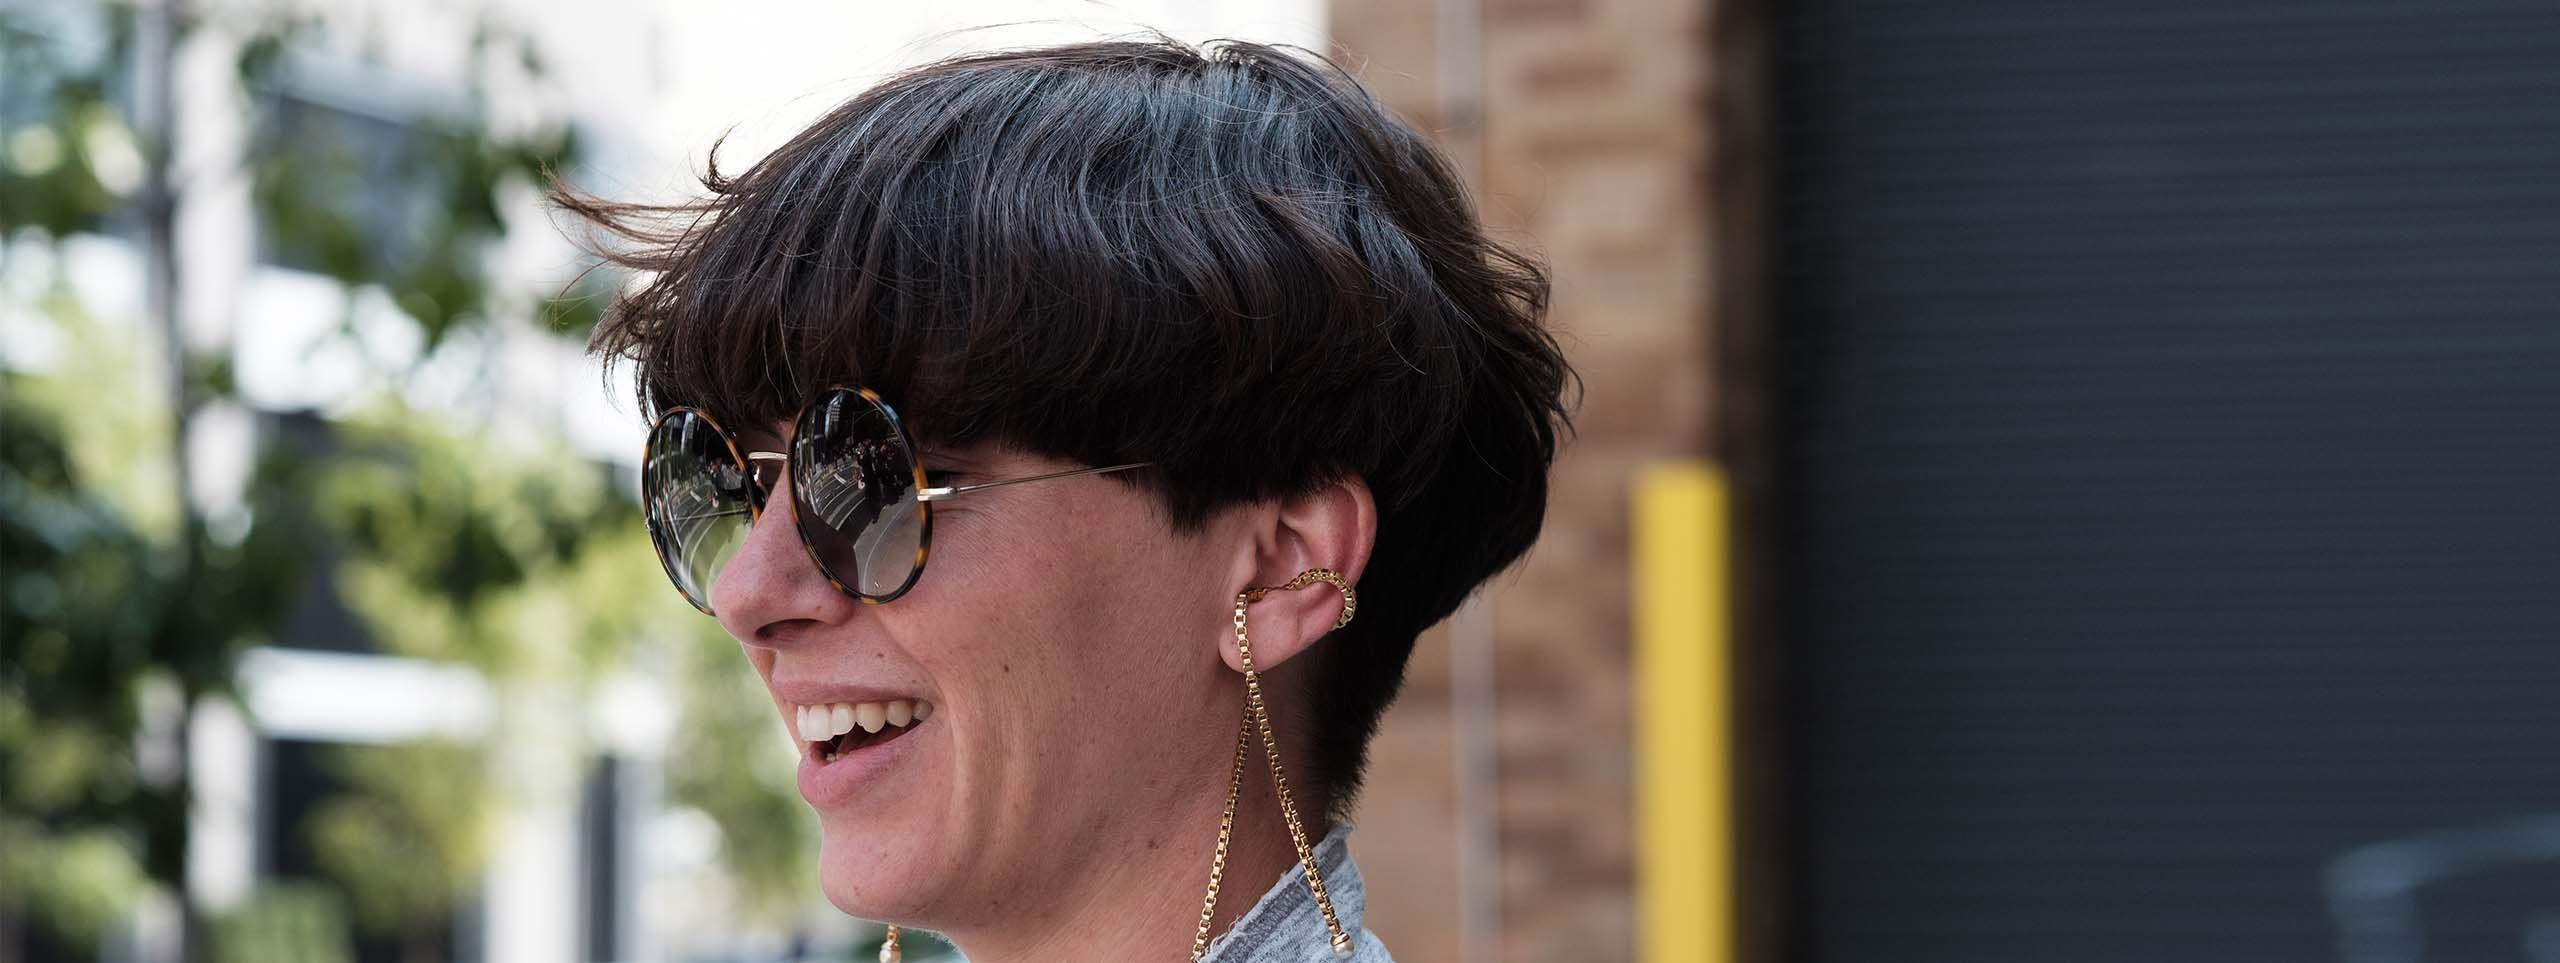 Frau mit schwarzer Kurzhaarfrisur